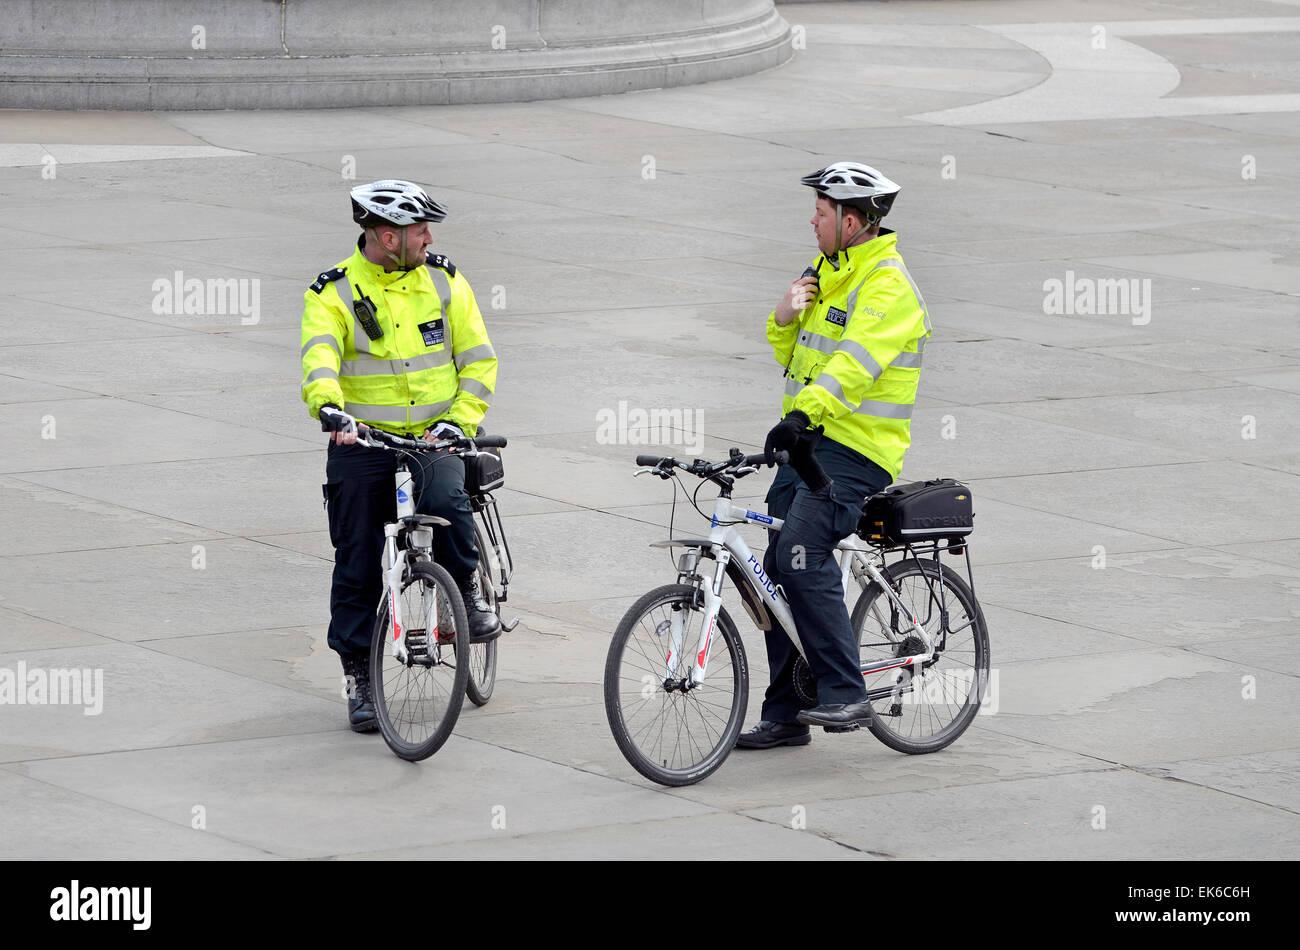 Londra, Inghilterra, Regno Unito. Metropolitan ufficiali della polizia sulle biciclette in Trafalgar Square Immagini Stock